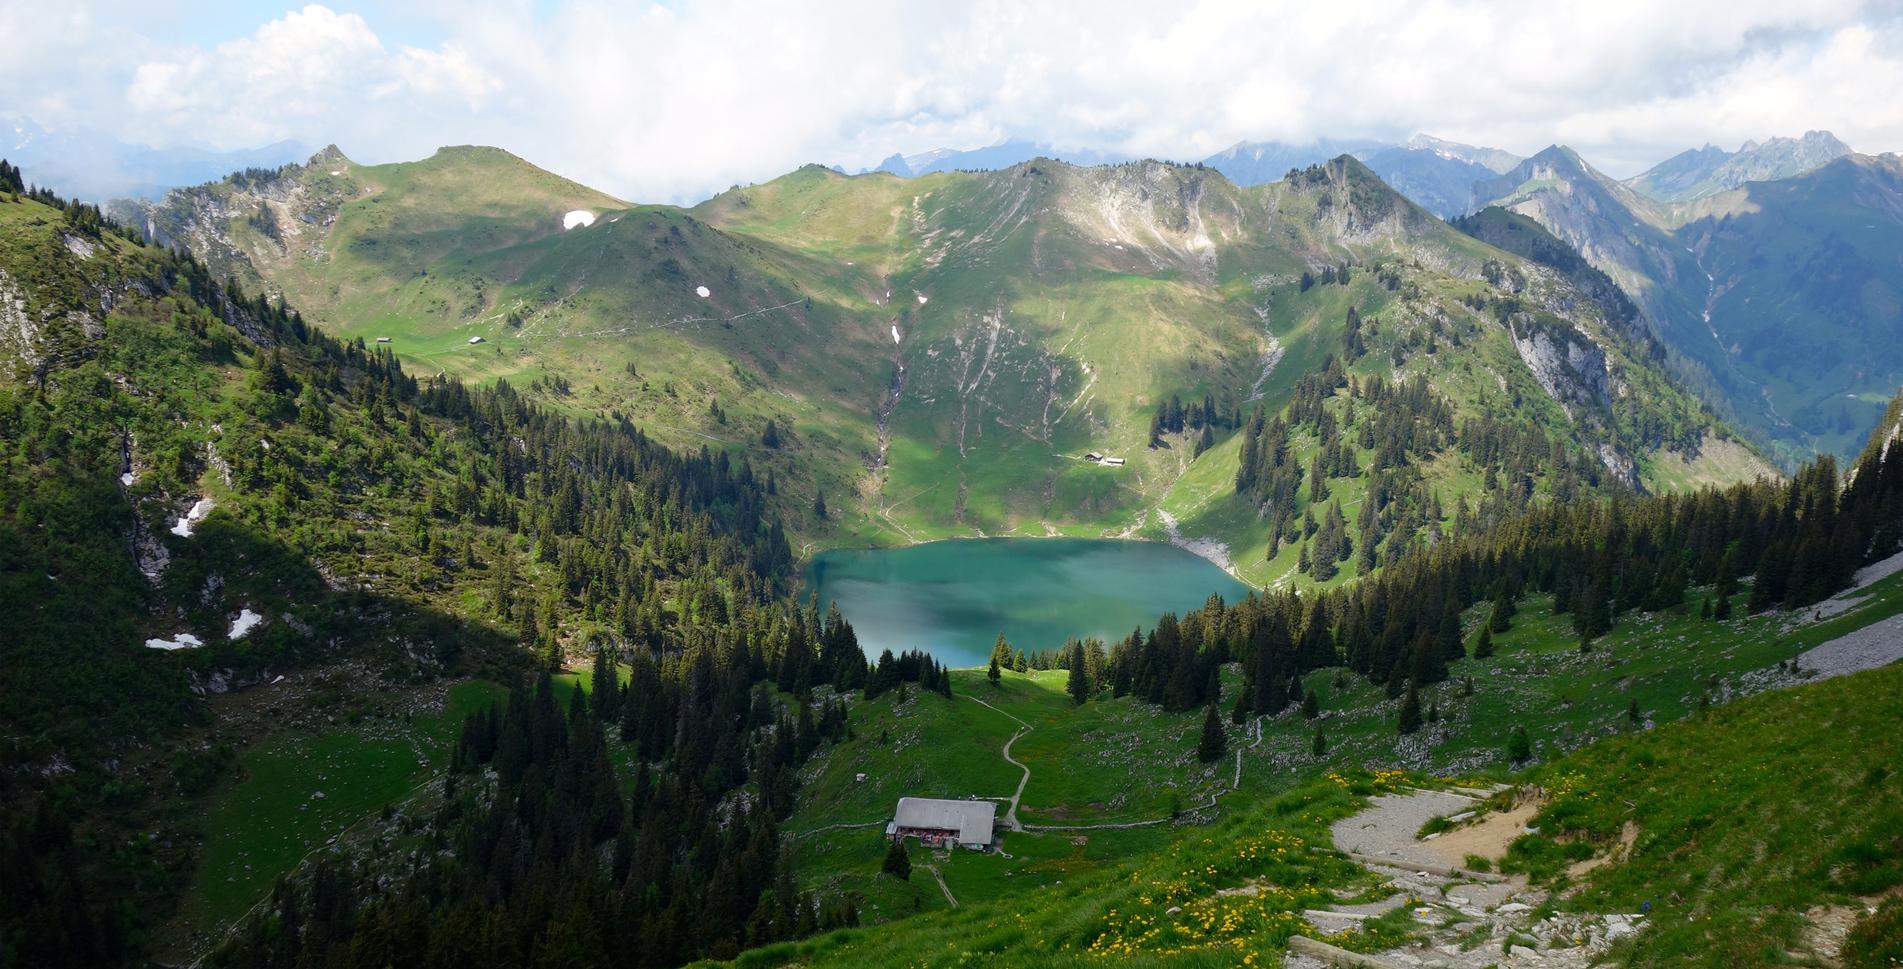 Wanderung von Gurnigel Wasserscheide via Obernünenen auf den Leiterenpass und weiter auf dem Höhenweg via Chrummfadeflue, Chuelouenen, Stierehütte, Oberi Walalp, Bachegg auf das Stockhorn